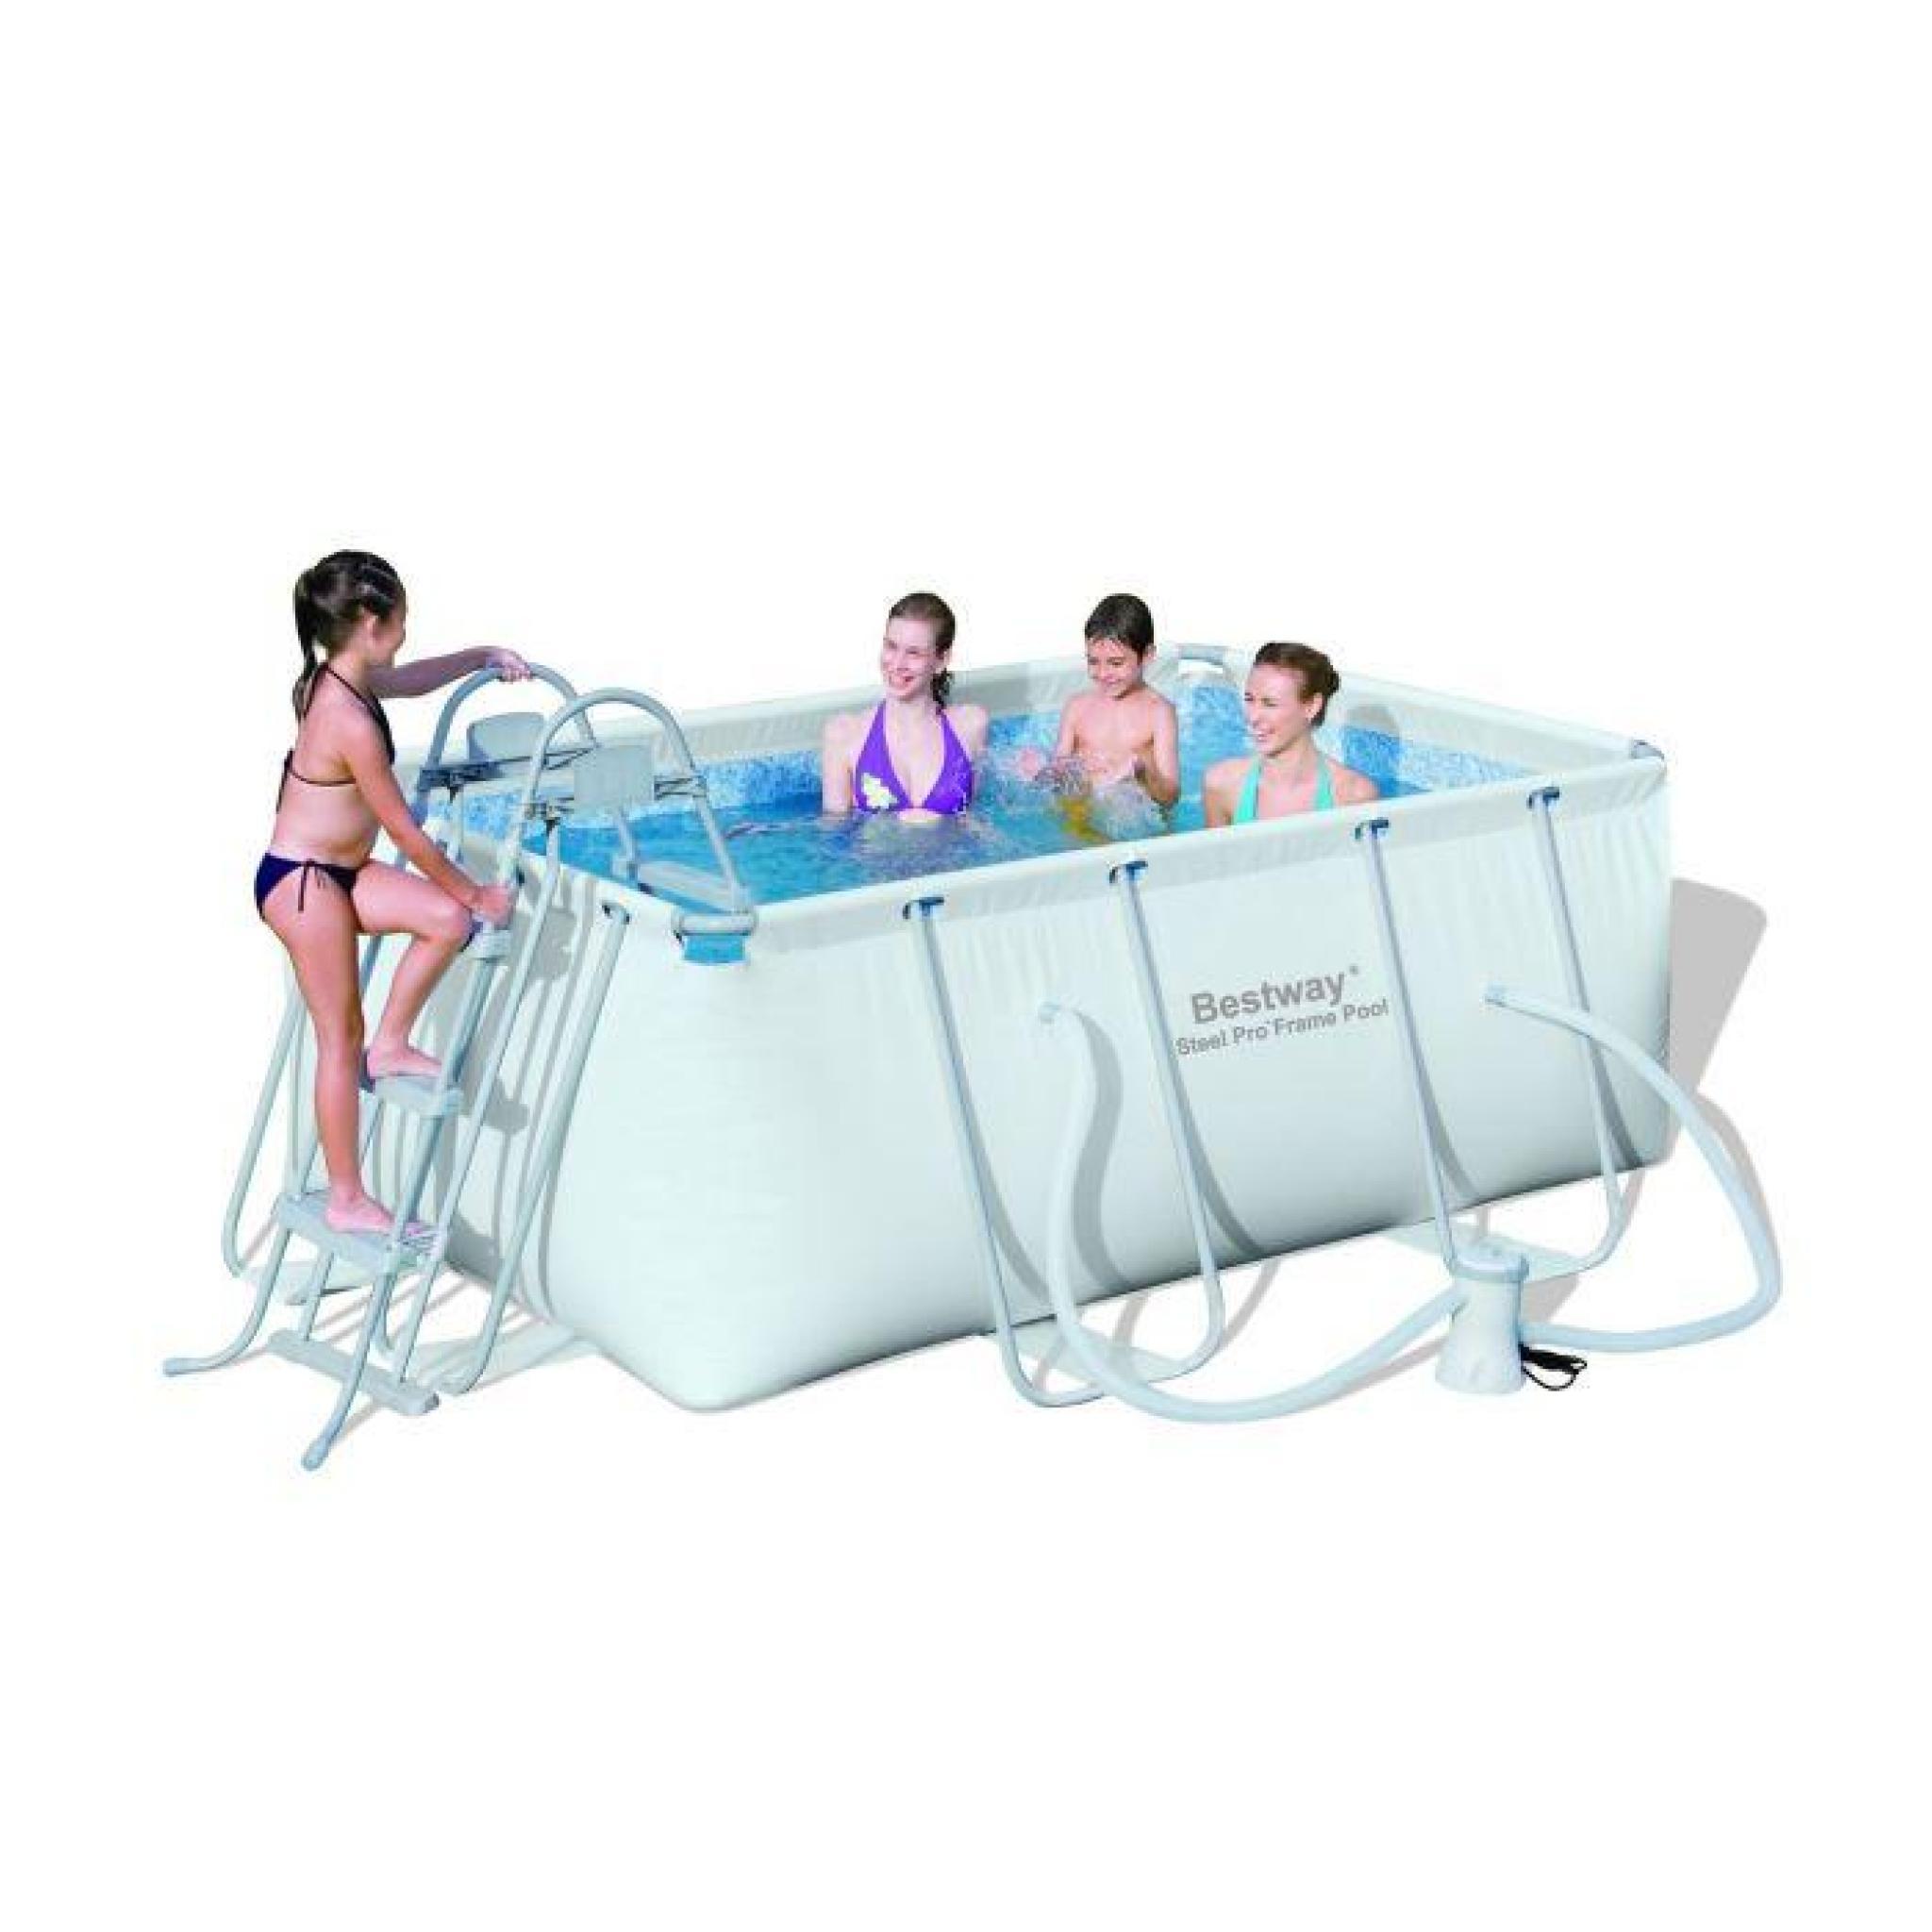 piscine tubulaire rectangulaire bestway bestway steel pro kit piscine rectangulaire tubulaire 2